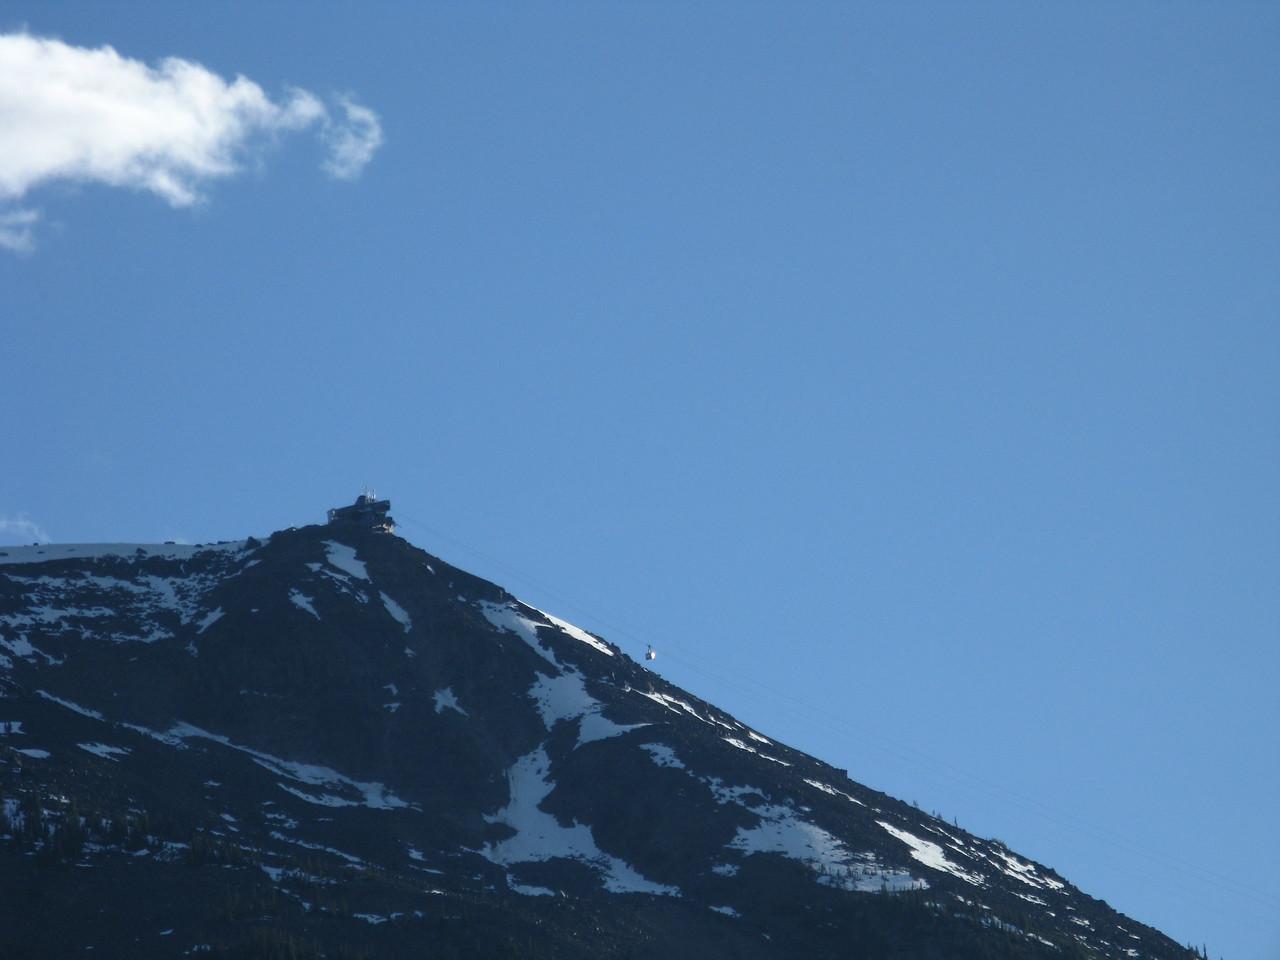 Gondola in Jasper